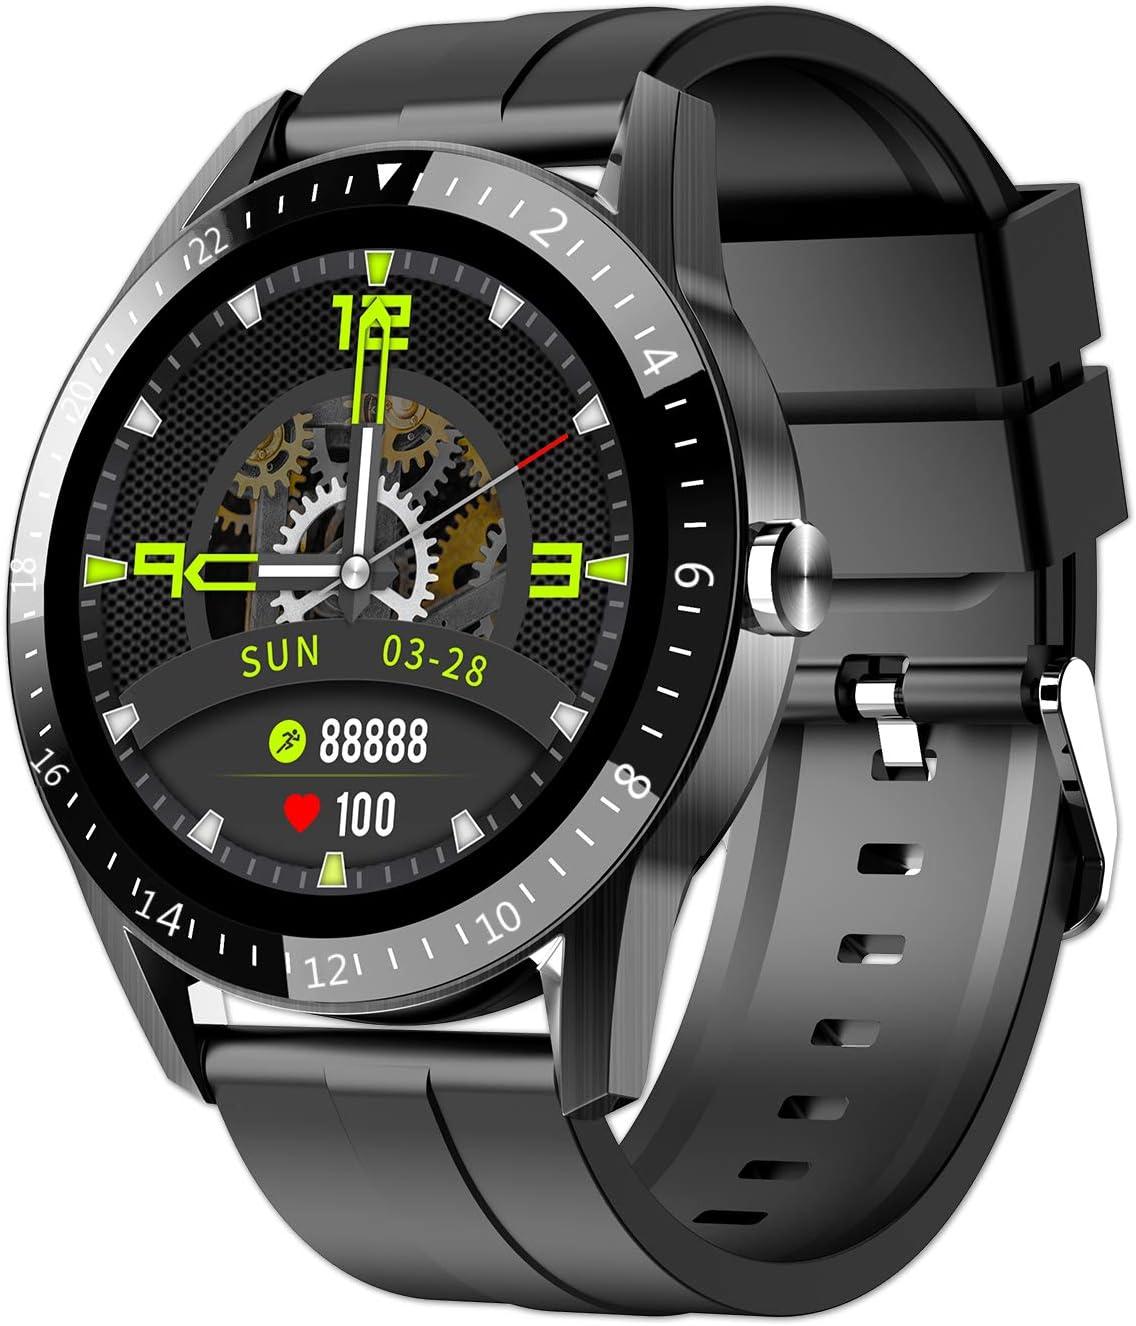 JINPX Relojes Inteligentes Hombre Llamada Bluetooth con Pulsómetro,Podómetro,Monitor de Sueño,5 Modos de Deportes Cronómetrol,Pulsera de Actividad,Smartwatch Inteligentes Hombre para iOS y Android